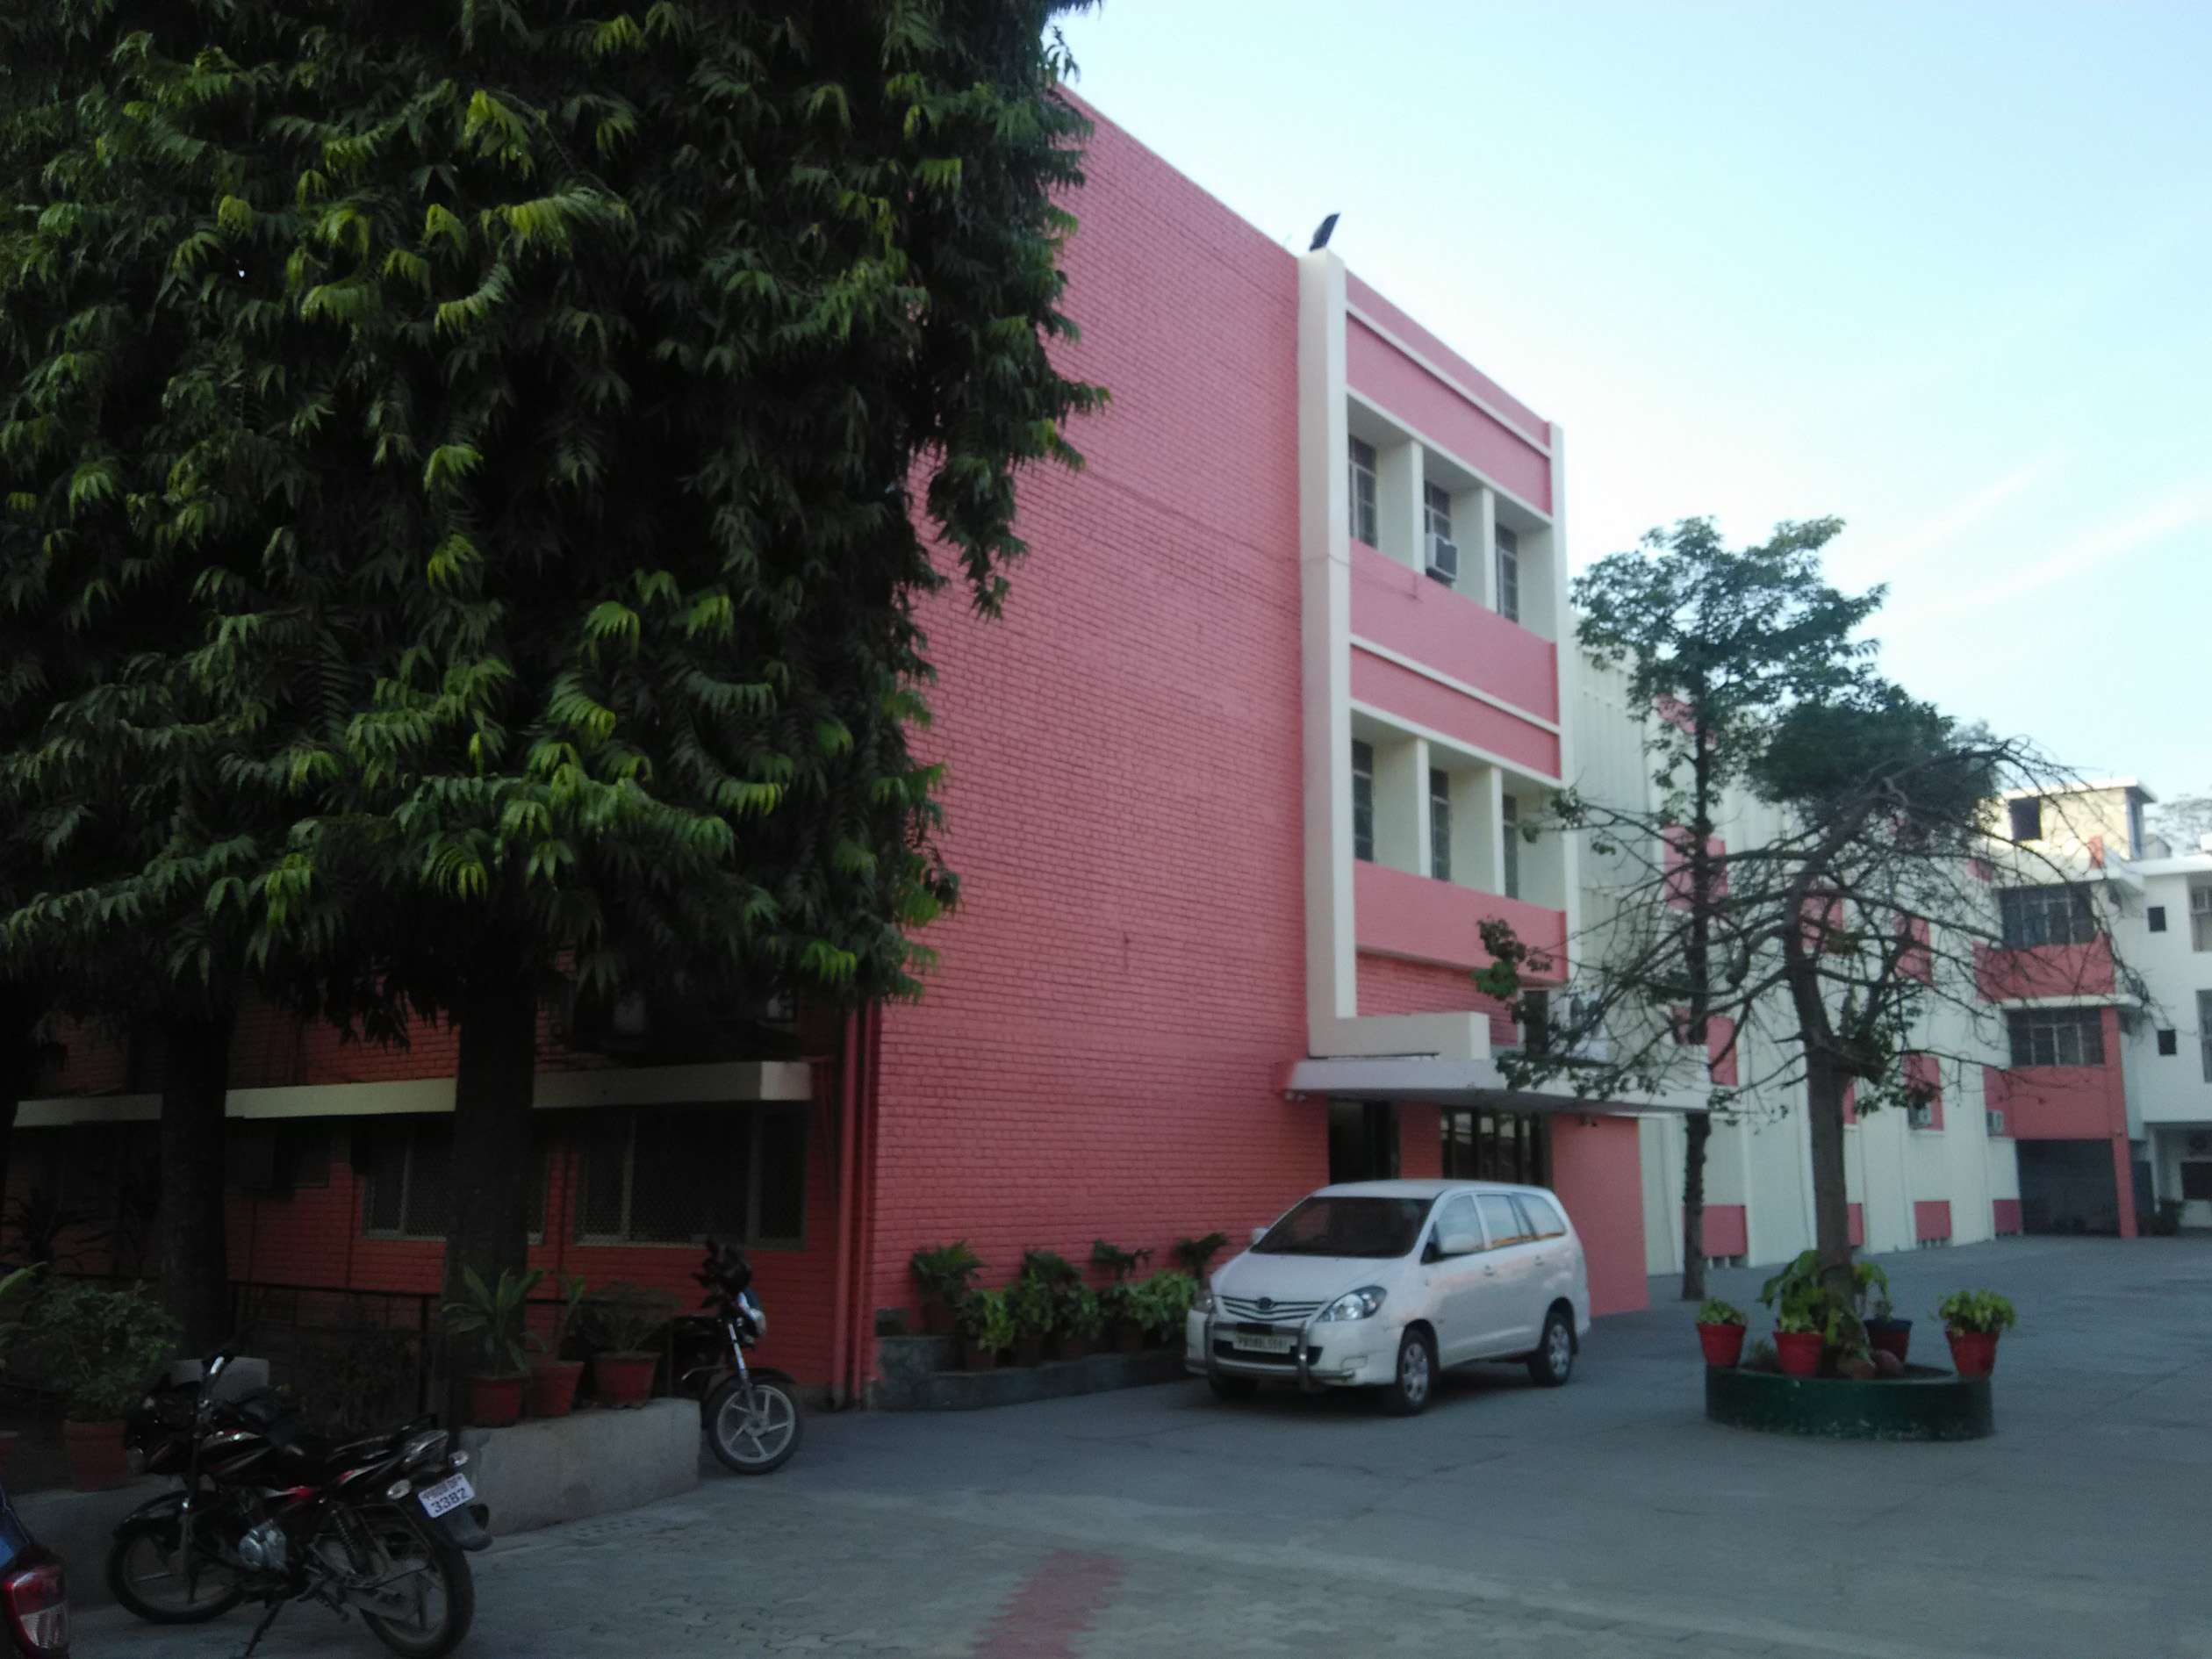 APEEJAY SCHOOL NEW JAWAHAR NAGAR MAHAVIR MARG JALANDHAR CITY PUNJAB 1630010